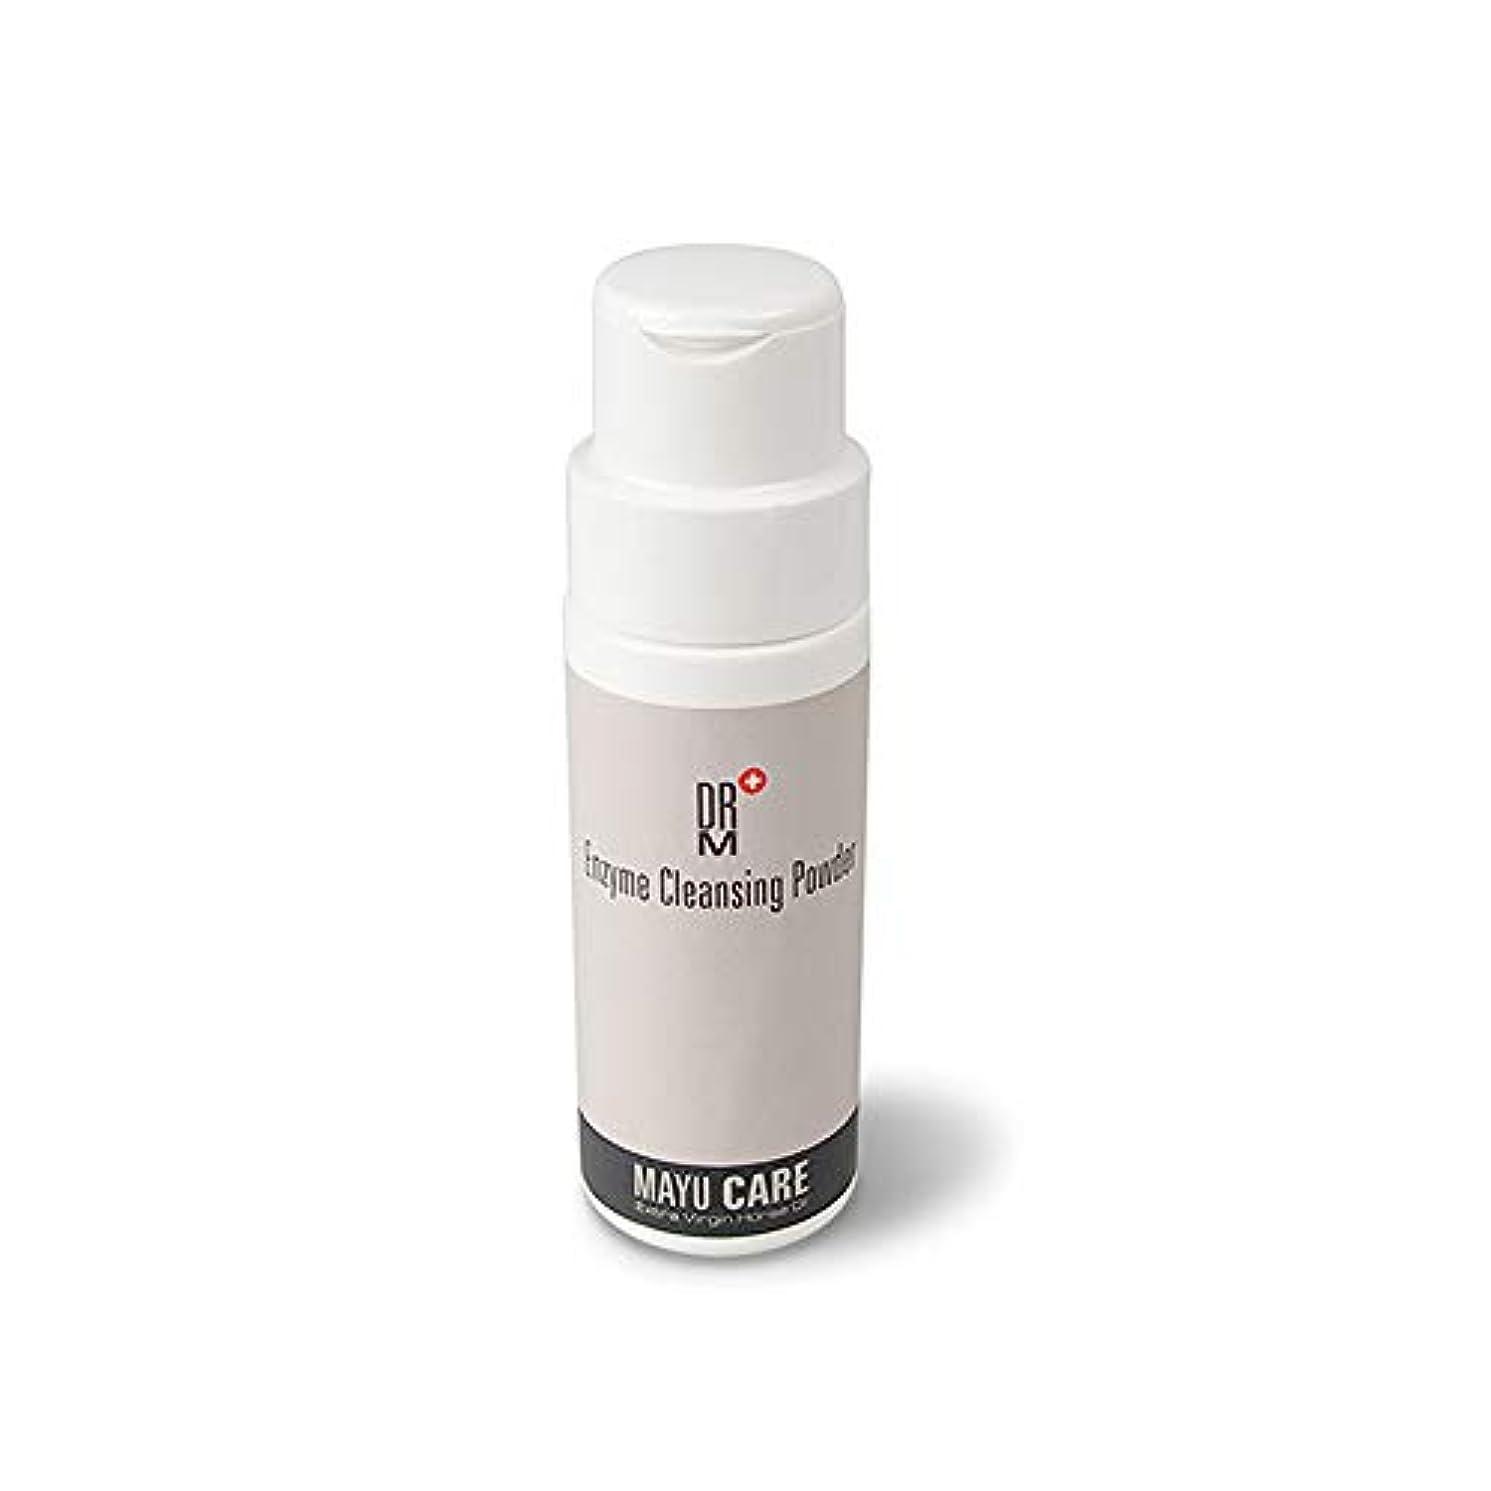 警戒インテリアコットン[Dr.M] Enzyme Cleansing Powder 酵素 クレンジングパウダー 100g [並行輸入品]